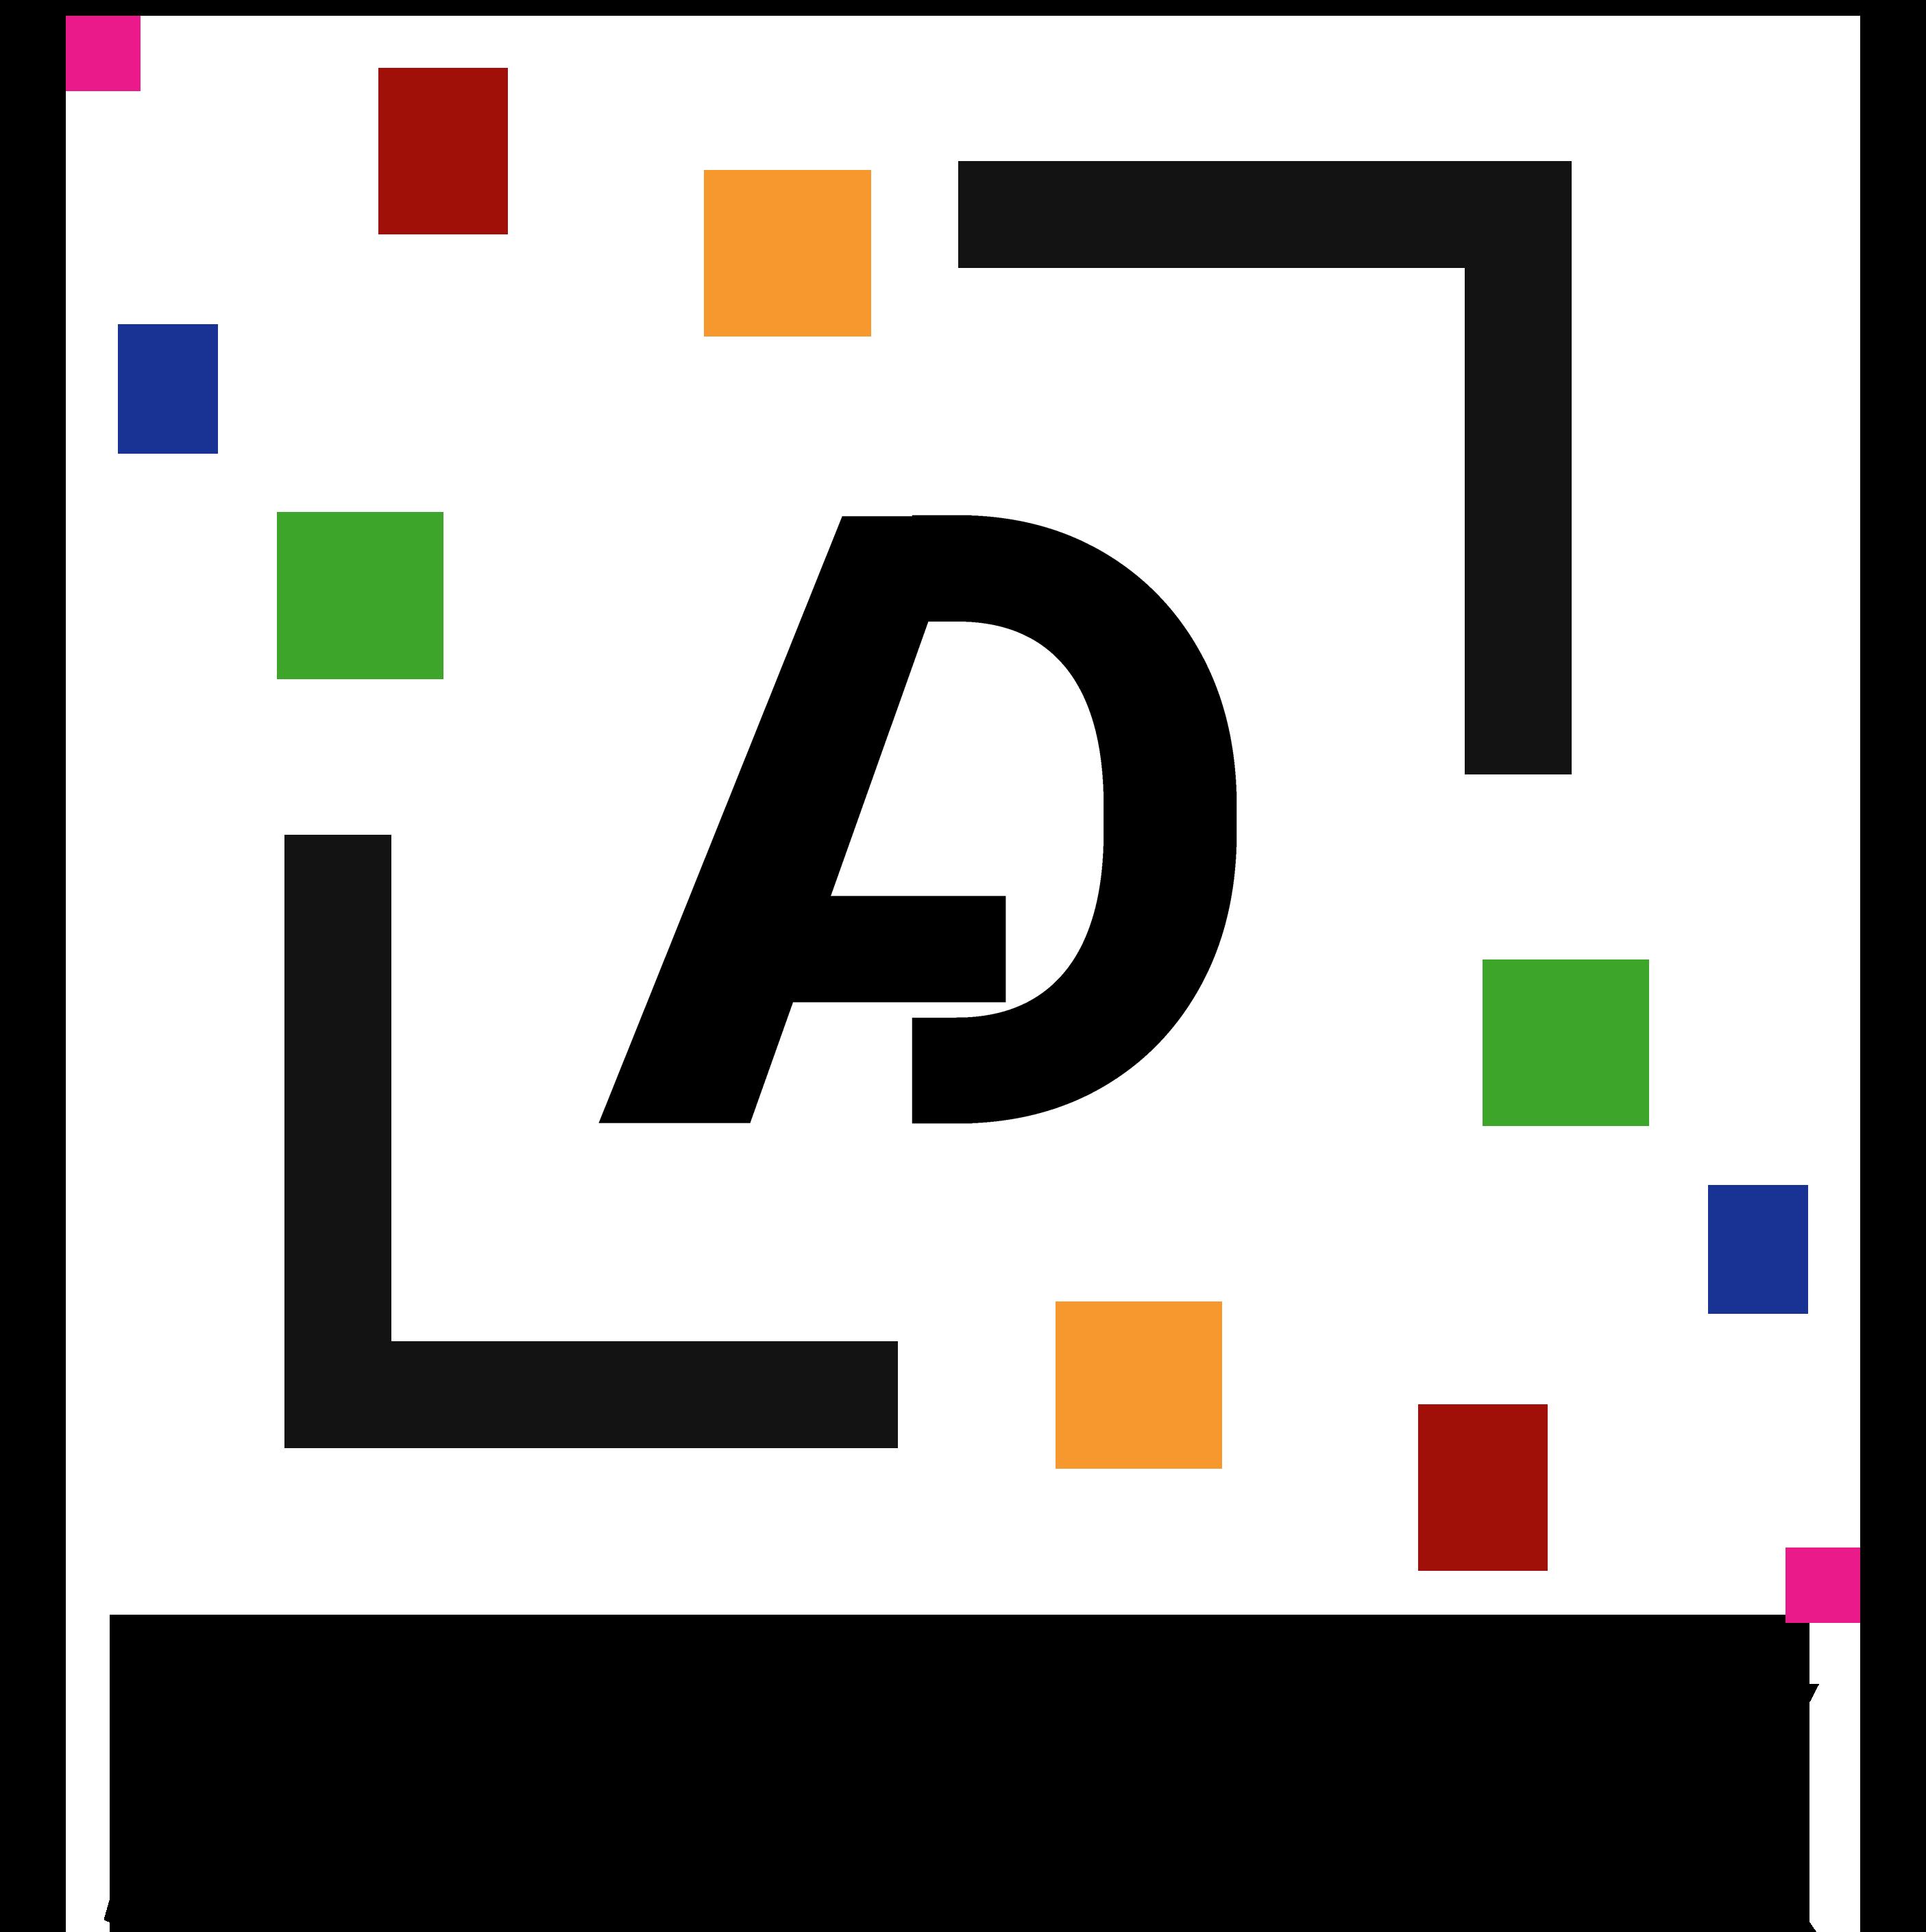 אדלוידע לוגו - סוכנות פרסום דיגיטלית